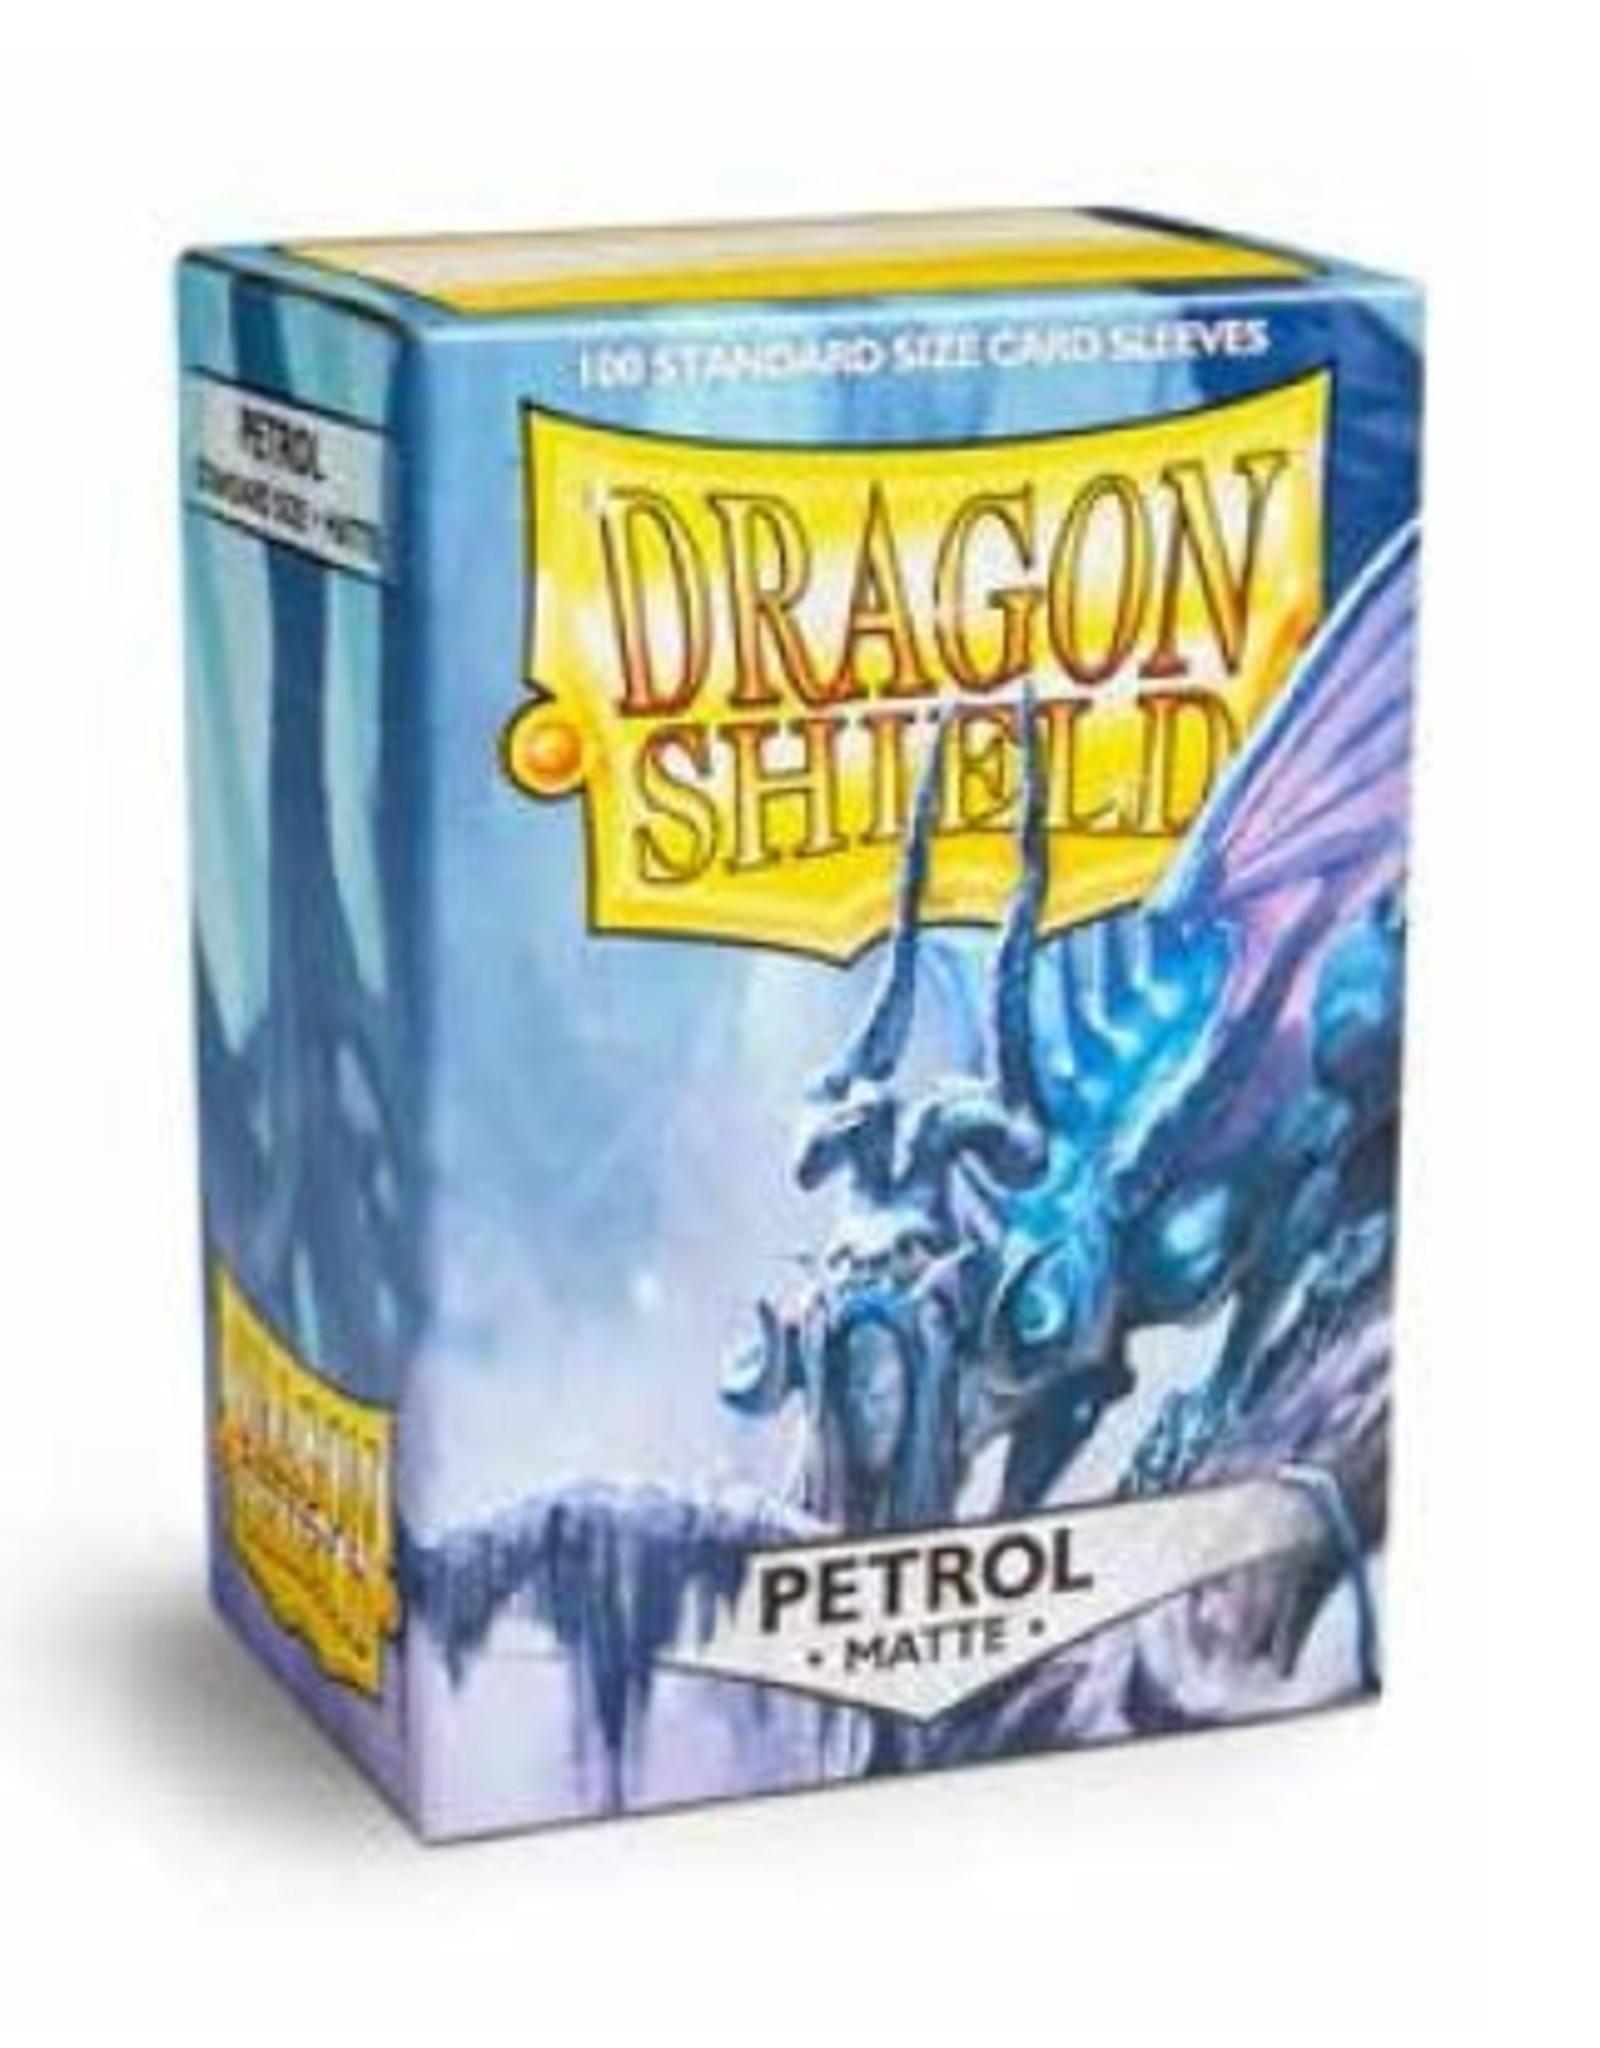 Dragon Shield: (100) Matte Petrol